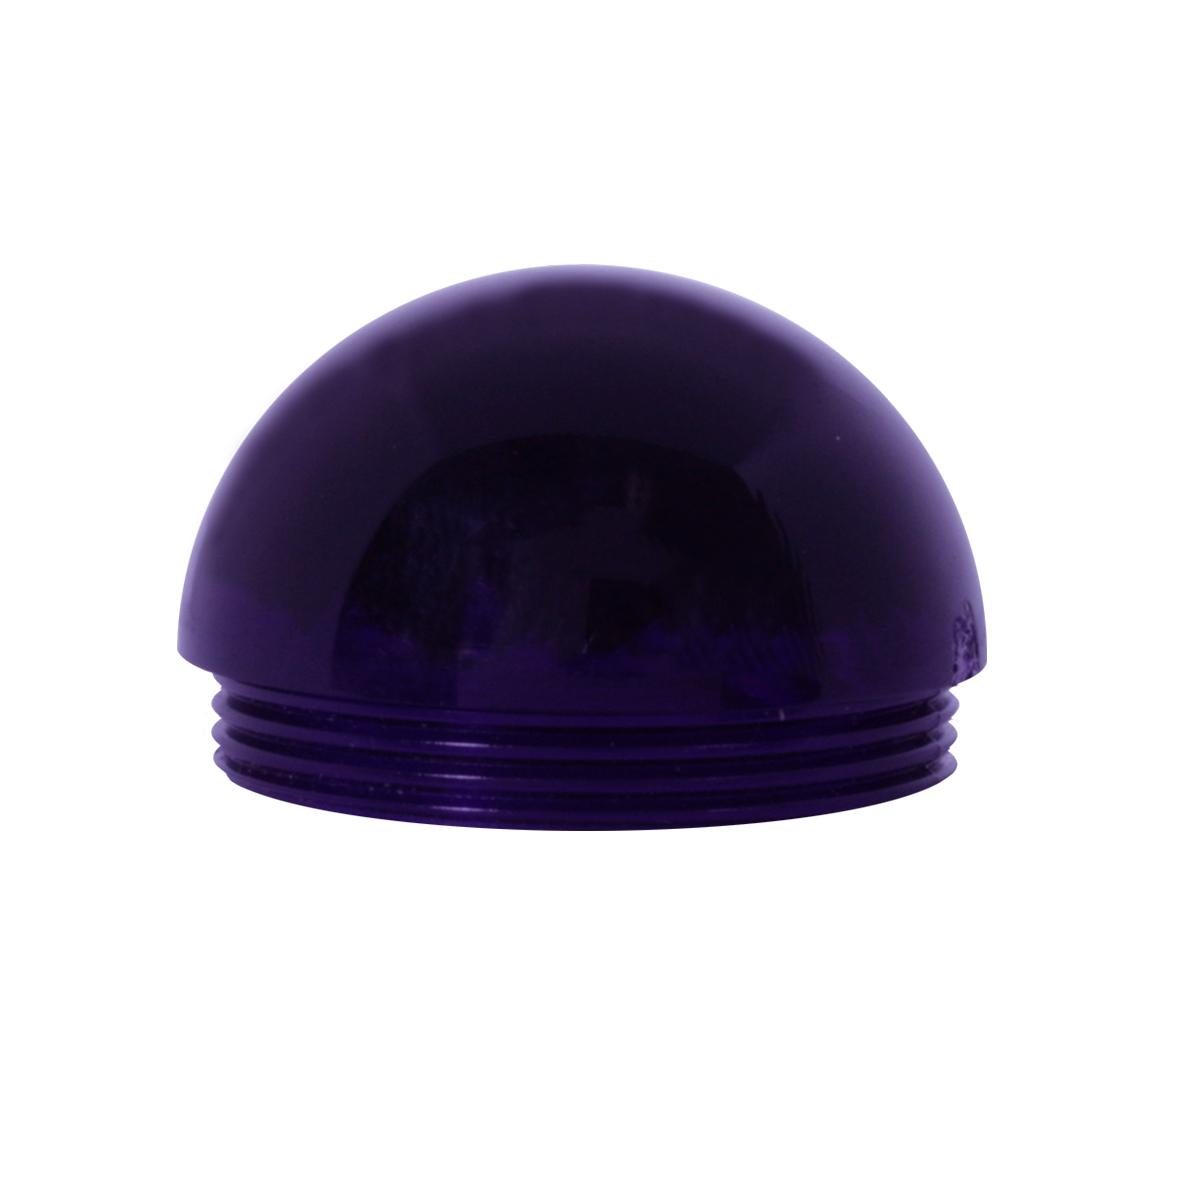 #94754 Purple Full Moon Lens Only